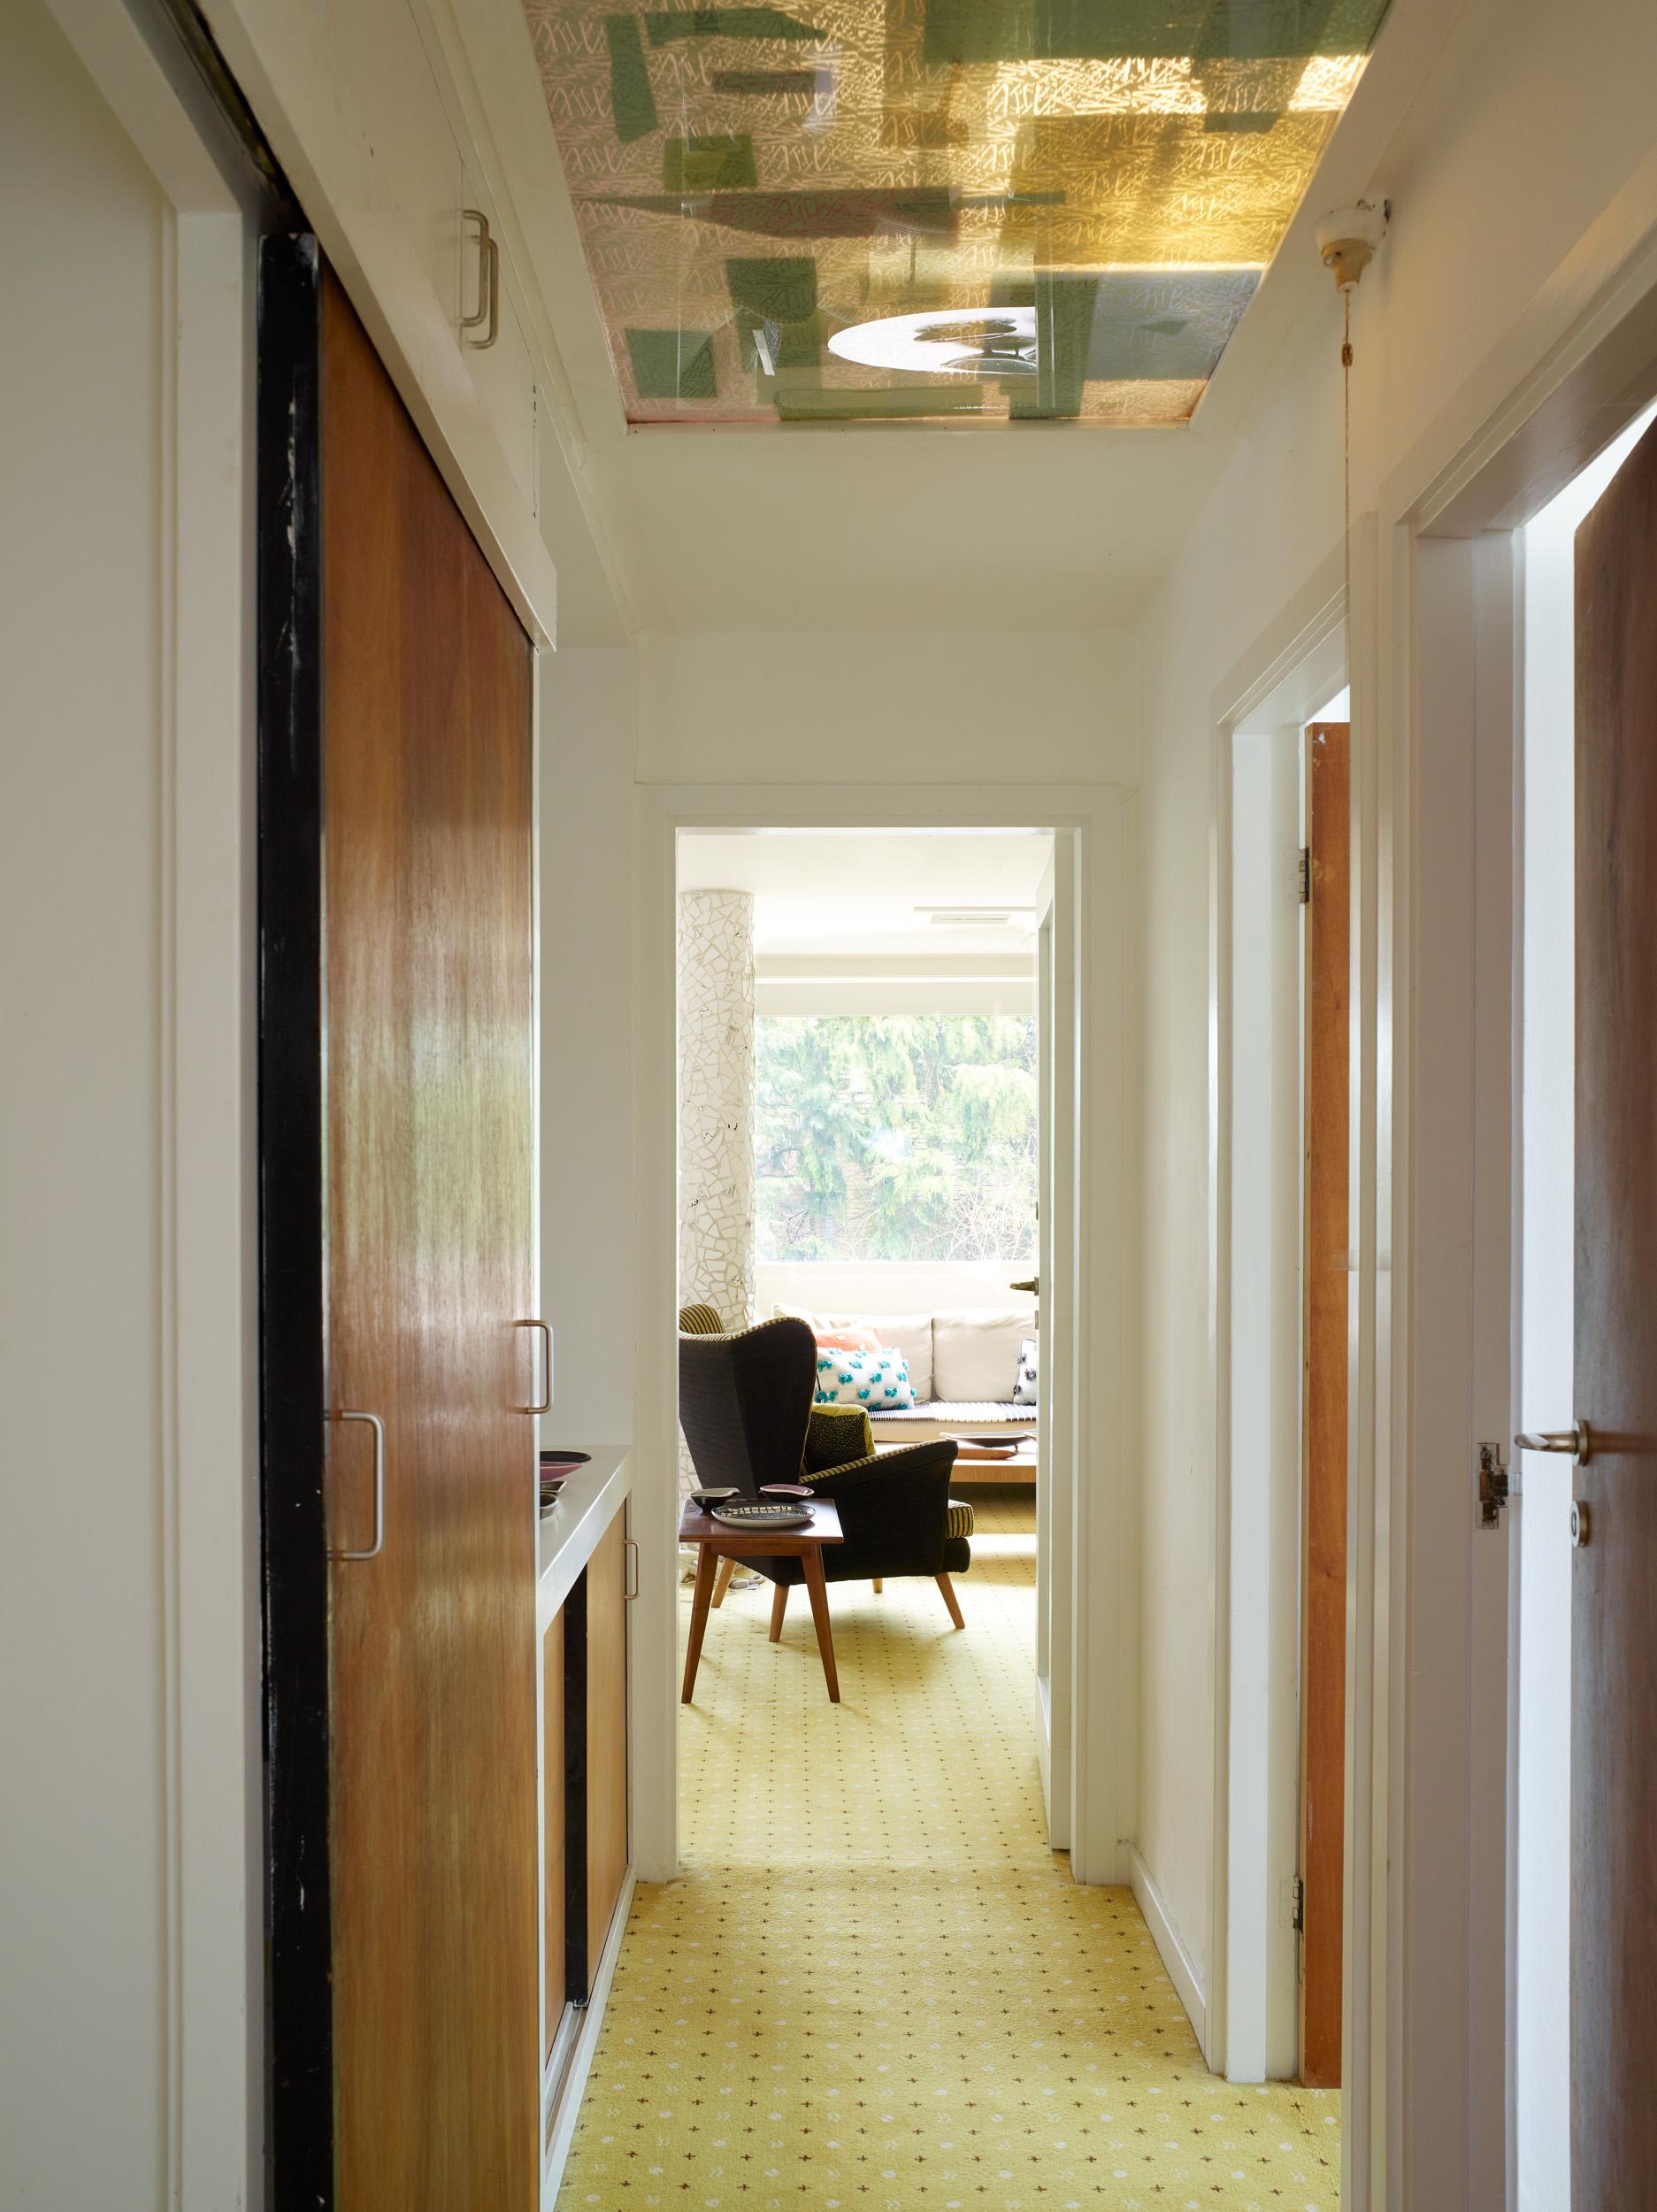 rachael-smith-interiors-14122019-079